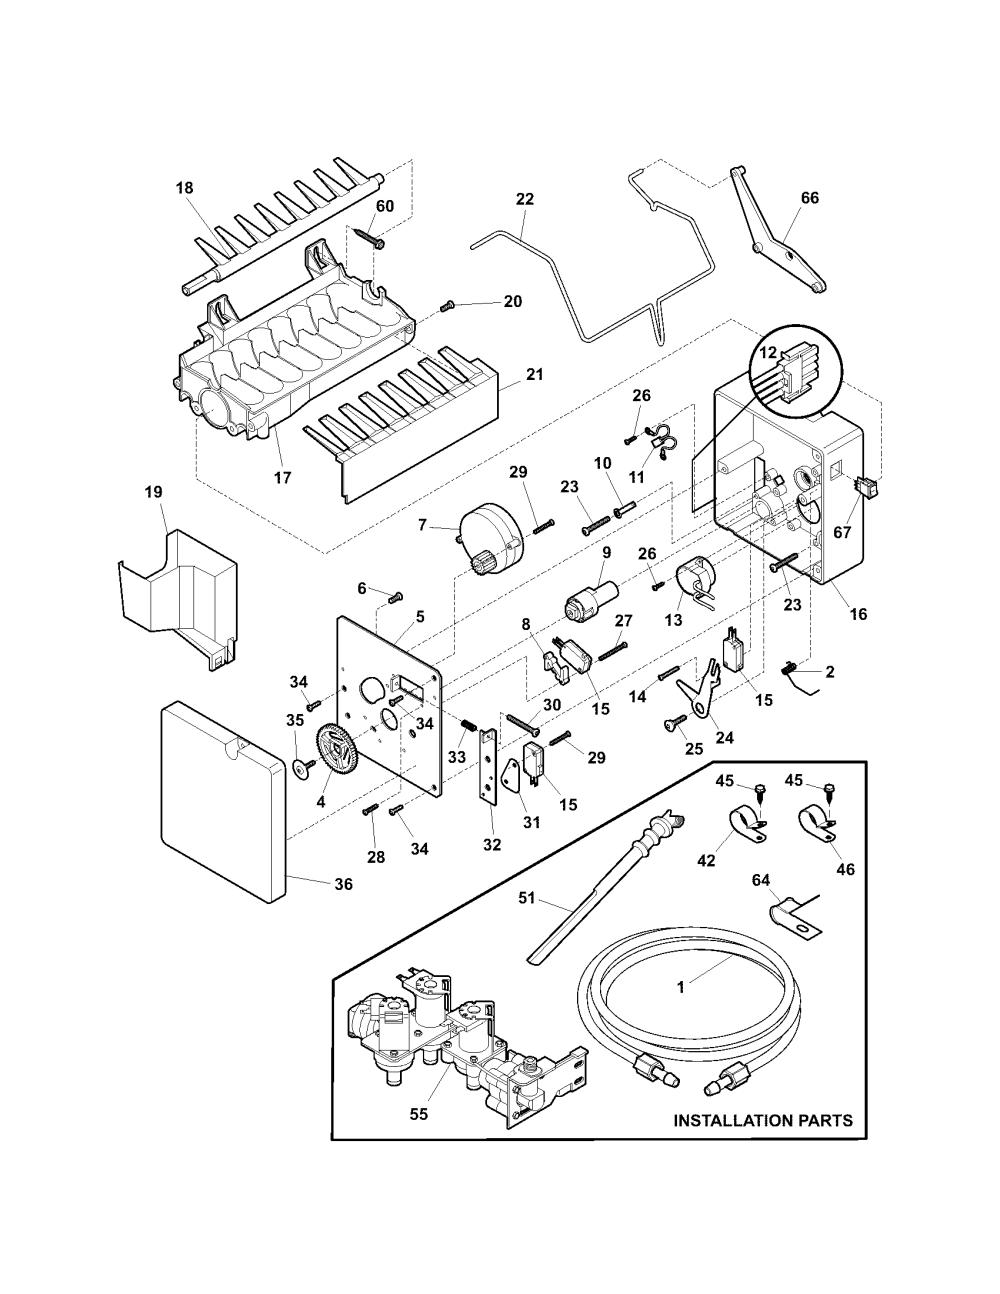 medium resolution of typical kitchen wiring diagram schematic diagrams  kitchen gfci wiring diagram typical kitchen wiring